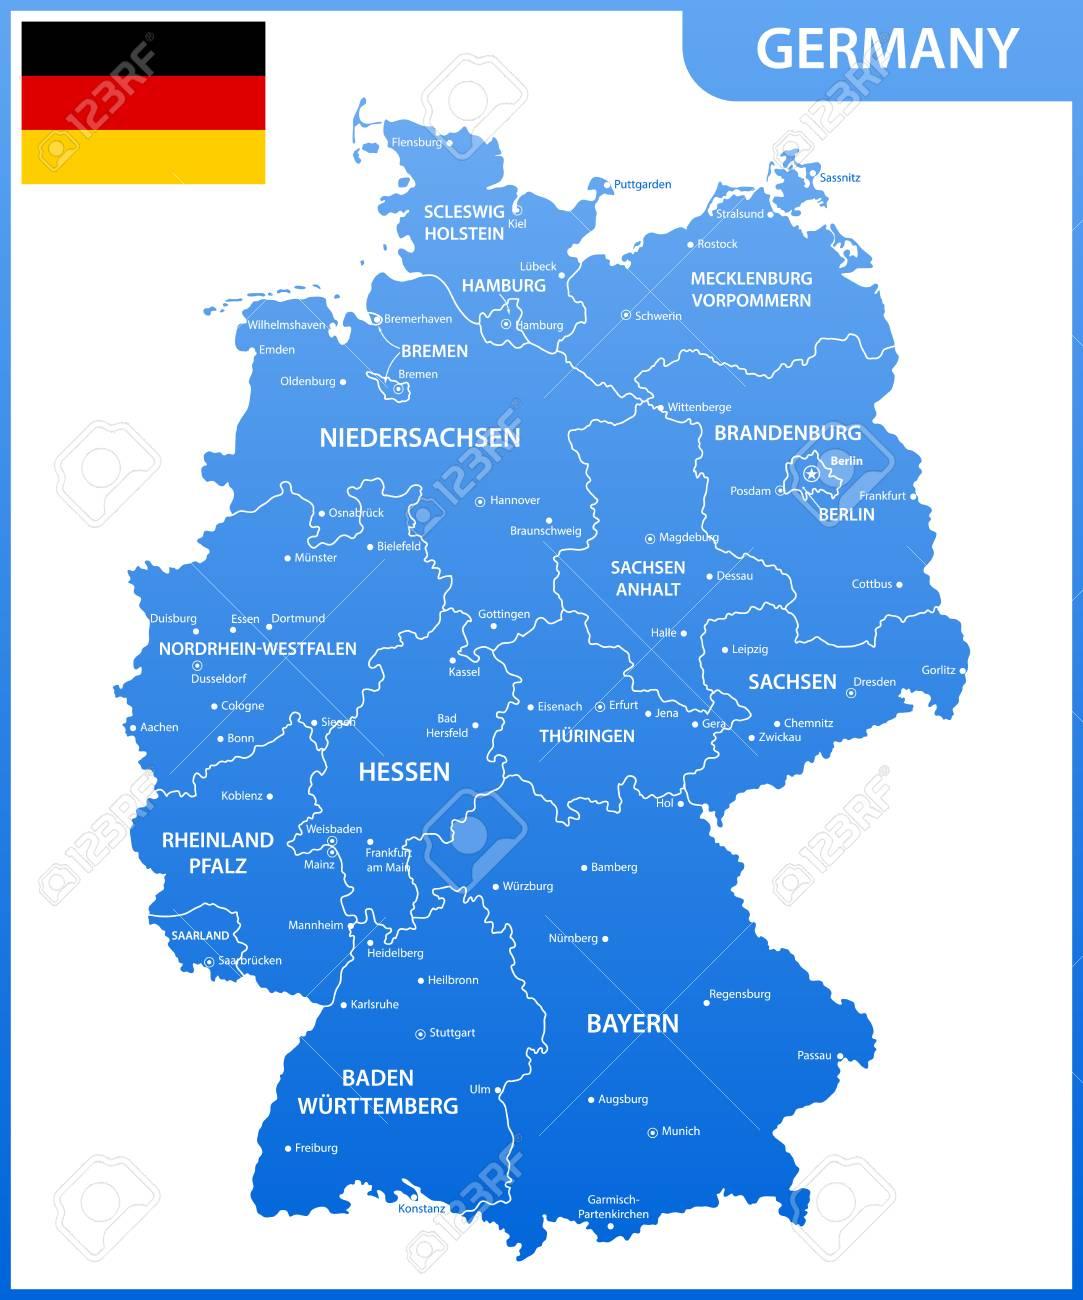 Regioni Germania Cartina.Vettoriale La Mappa Dettagliata Della Germania Con Regioni O Stati E Citta Capitali Bandiera Nazionale Image 91118493